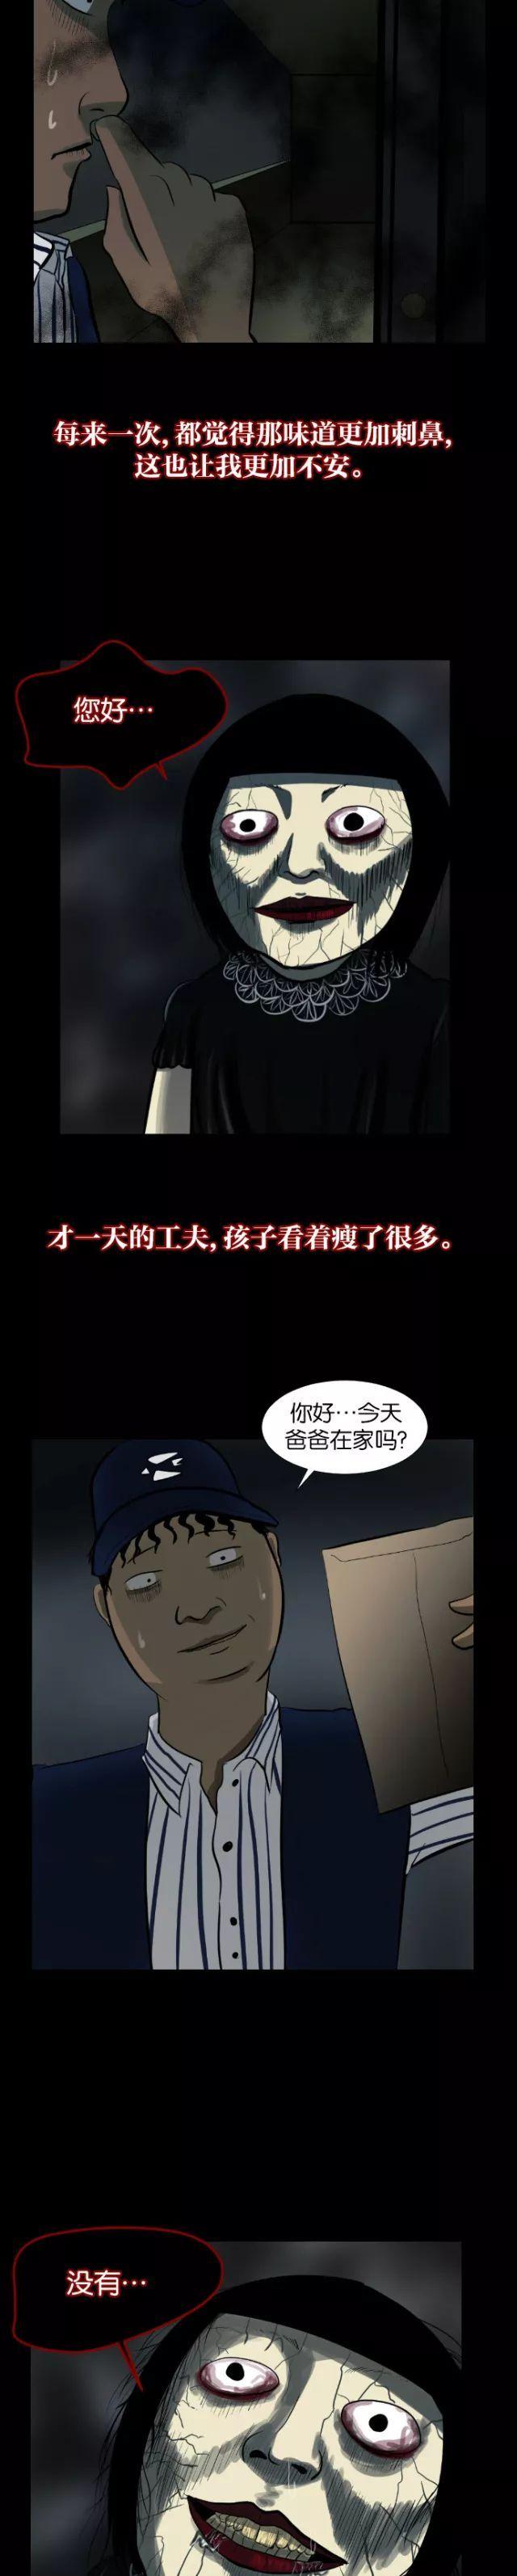 从郭敬明被指控性骚扰谈韩寒,看到上海文学圈肮脏比过娱乐圈下流